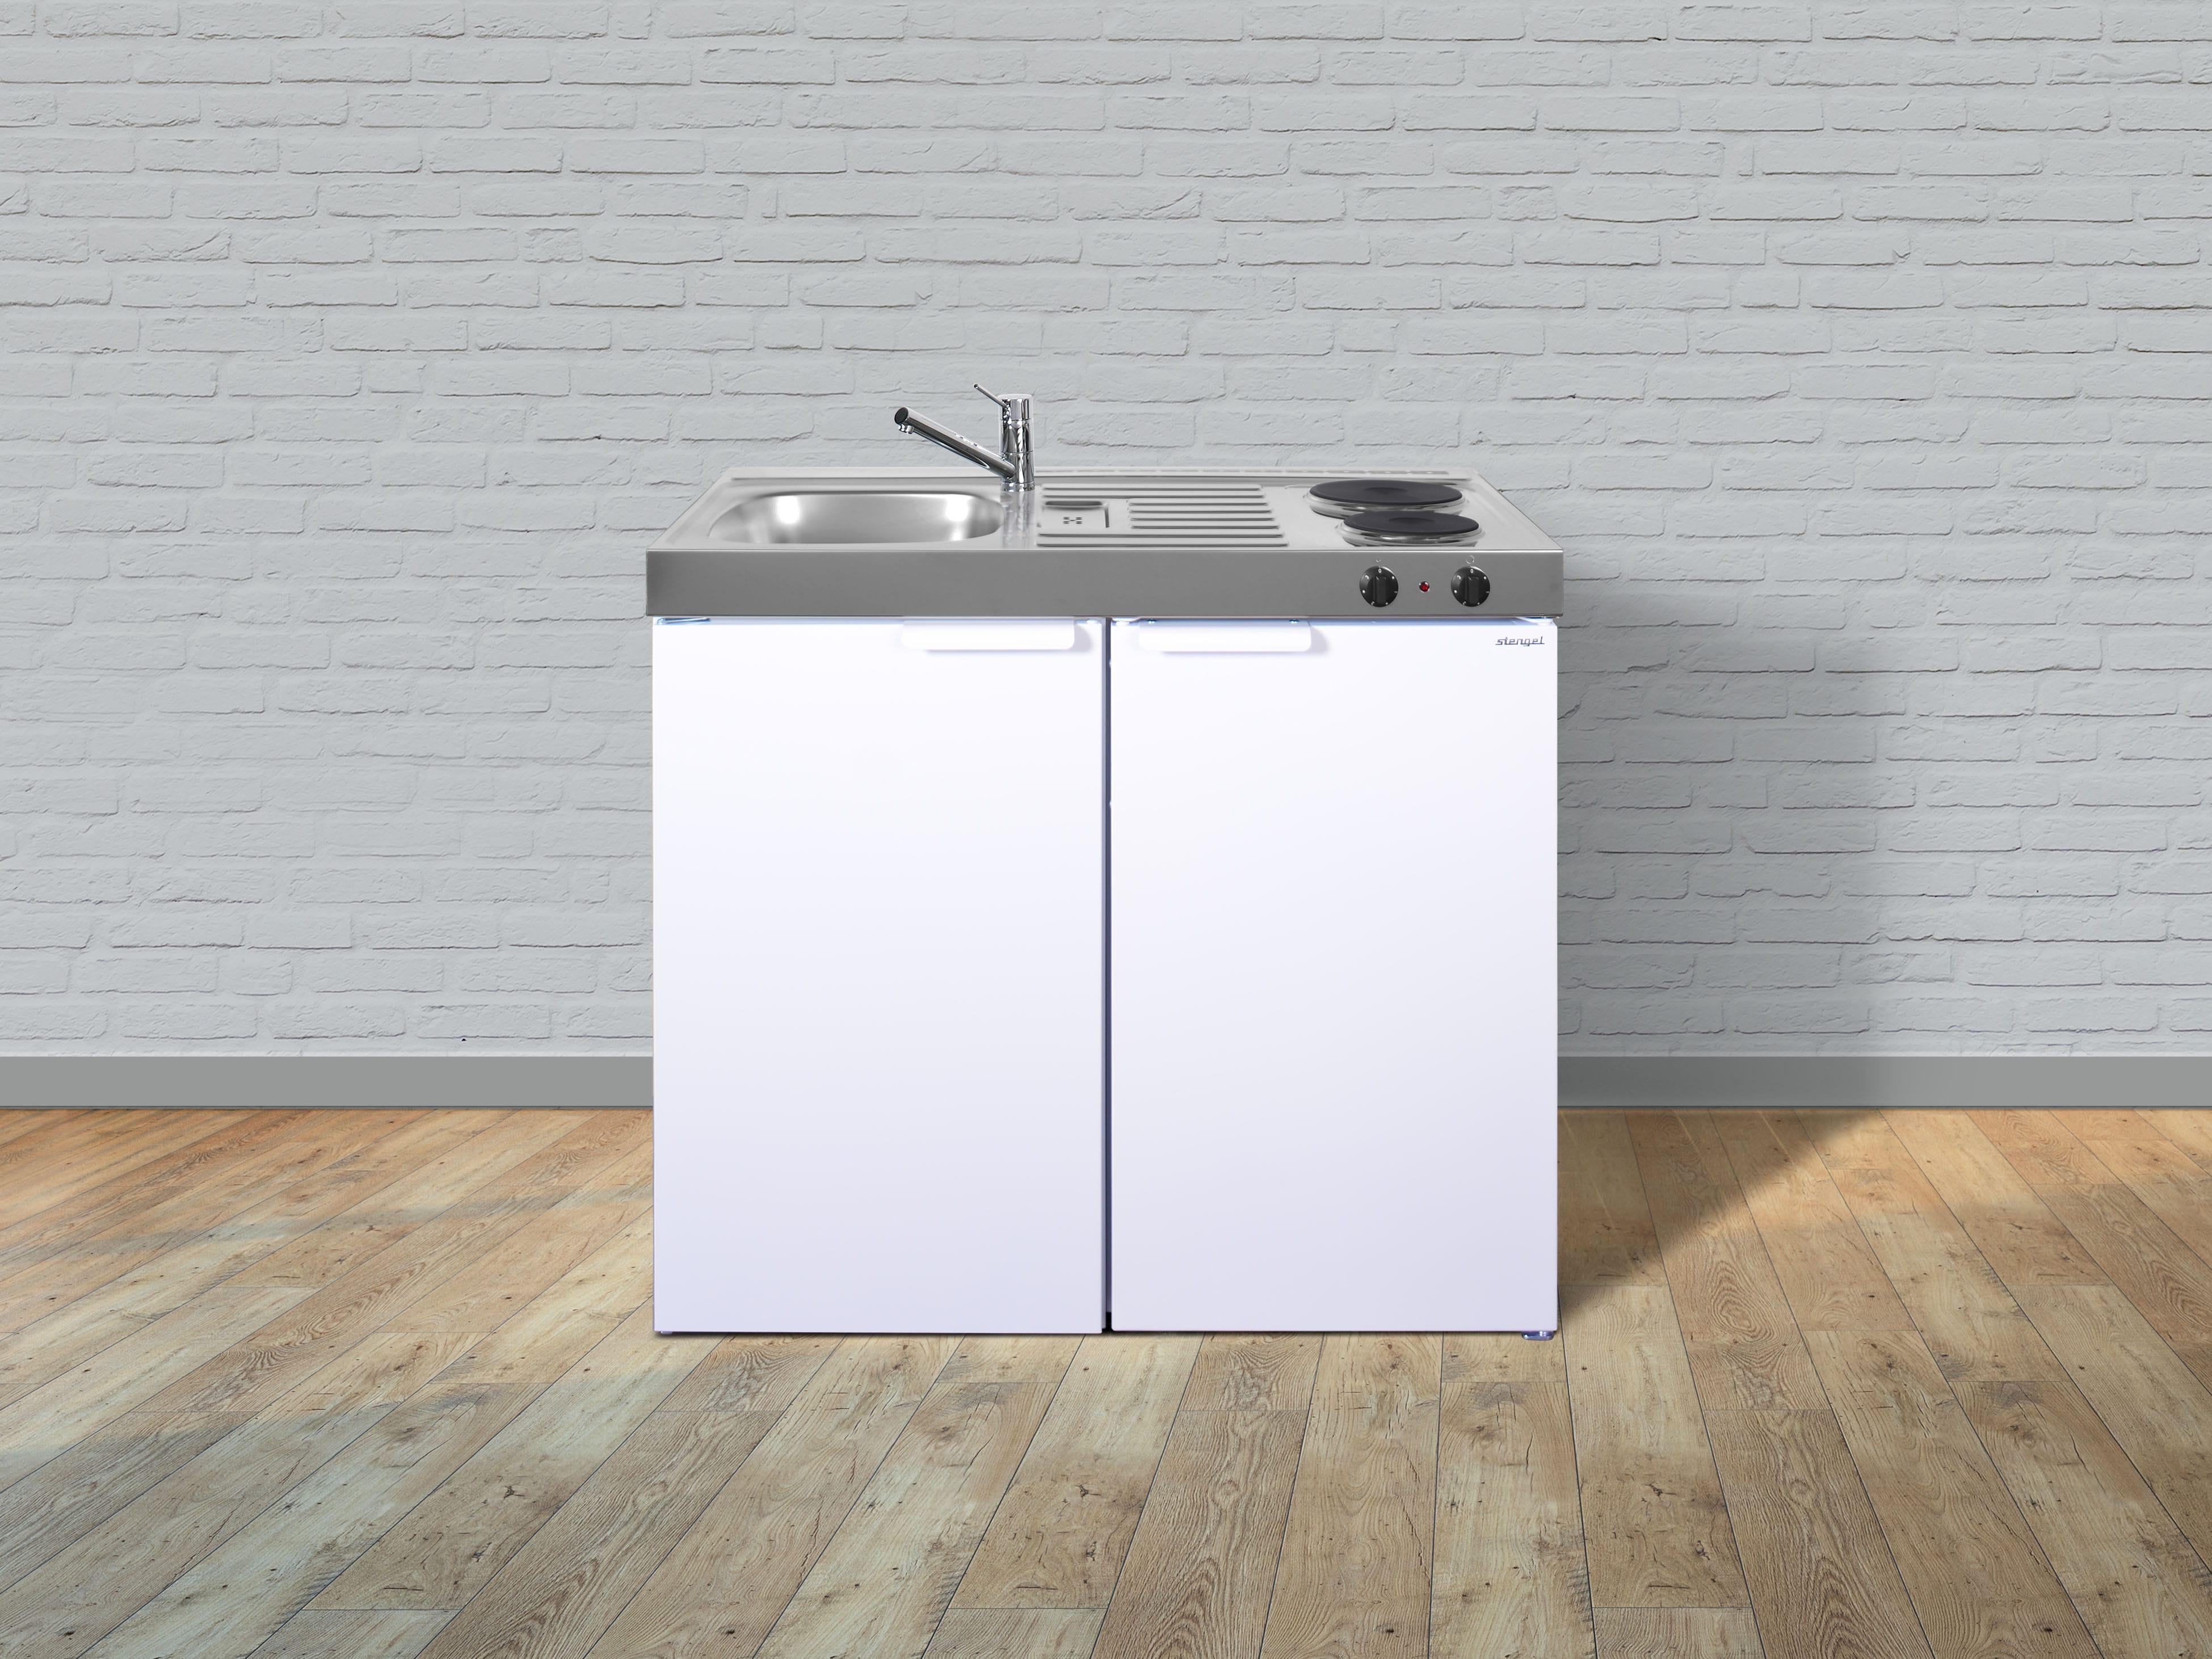 Miniküche Mit Geschirrspüler Ohne Kühlschrank : Stengel miniküche kitchenline mk miniküchen online